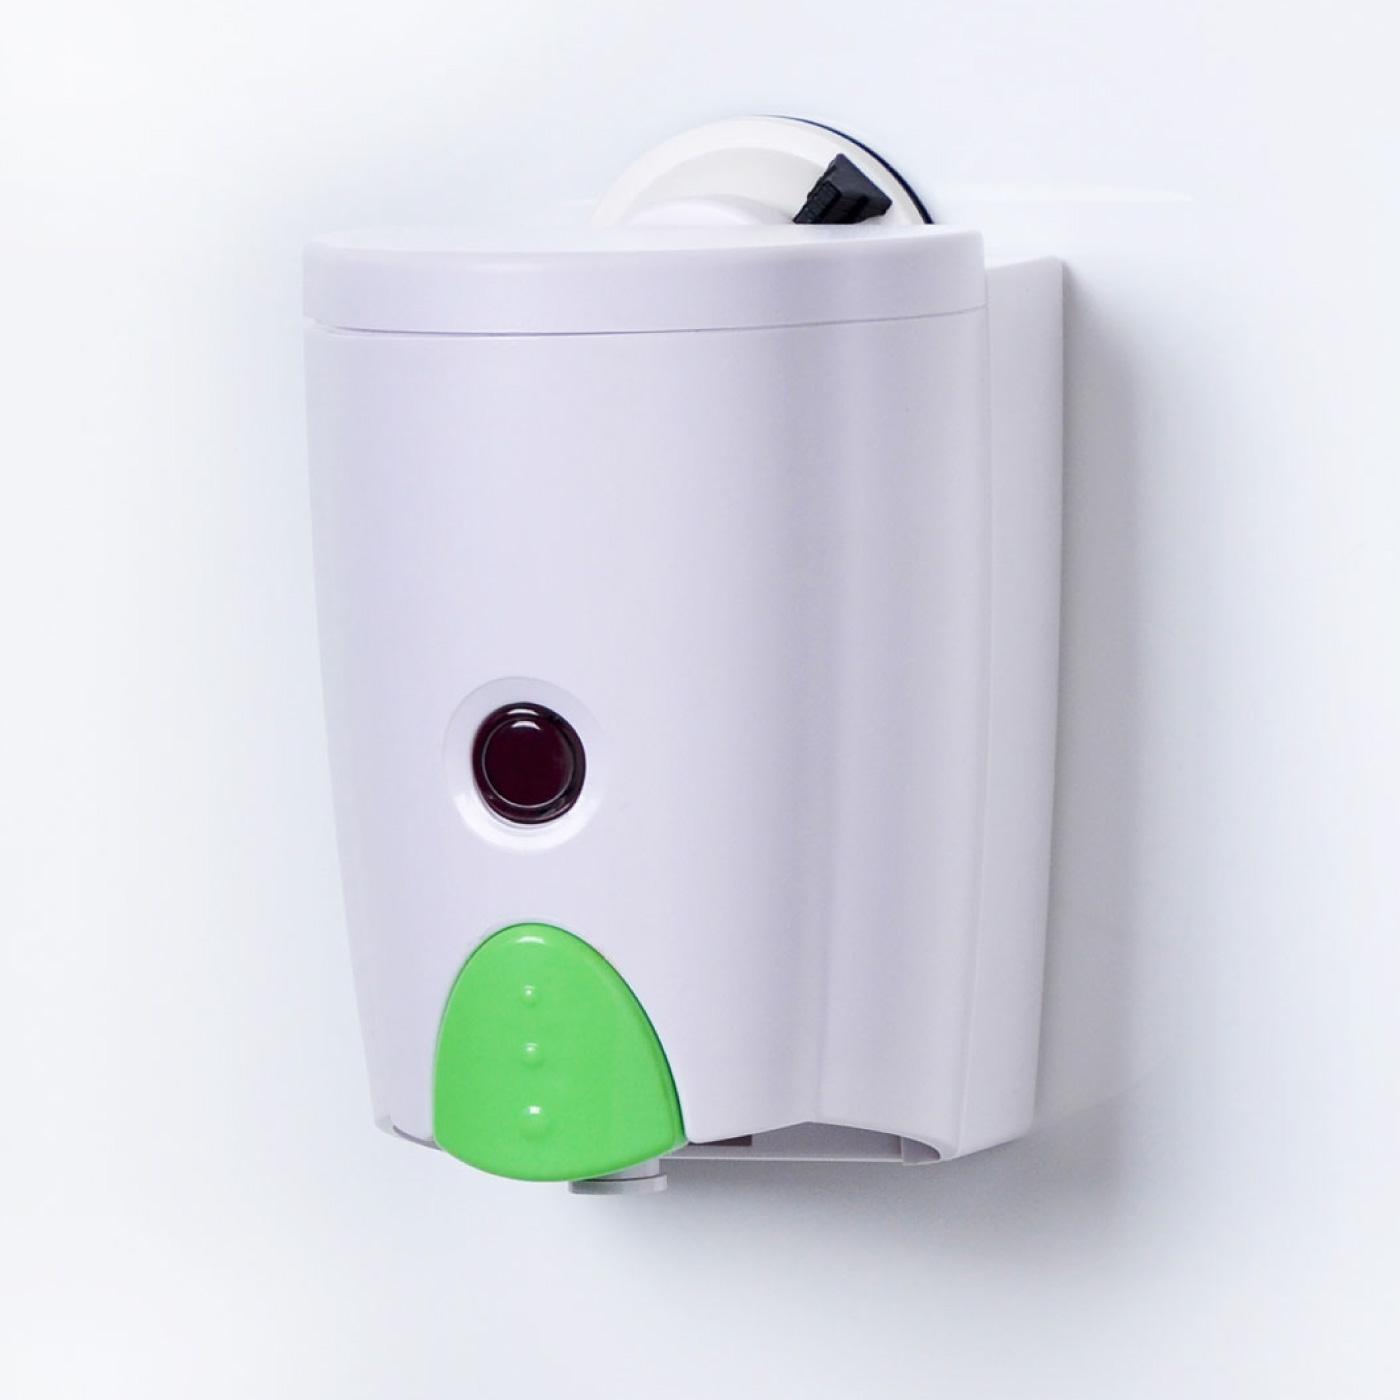 フェリシモ がっちり吸盤パワー スペースマジック ソープディスペンサー